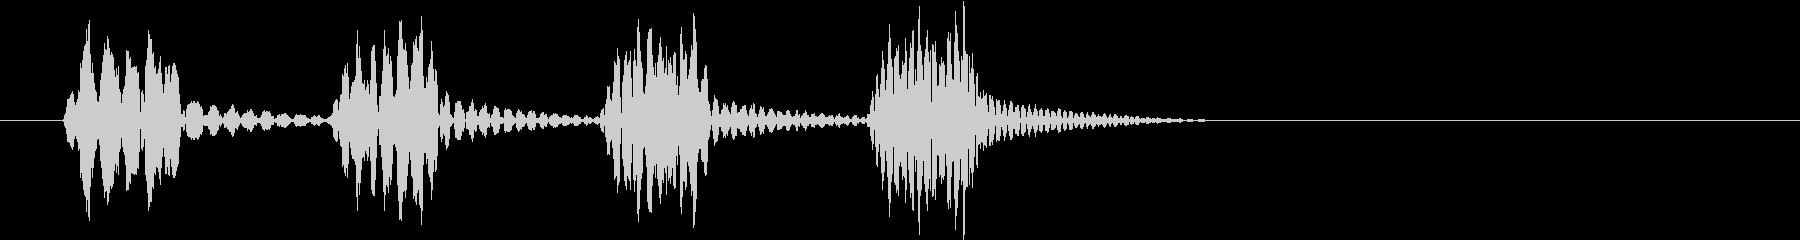 決定_タップ_クリック_200701の未再生の波形